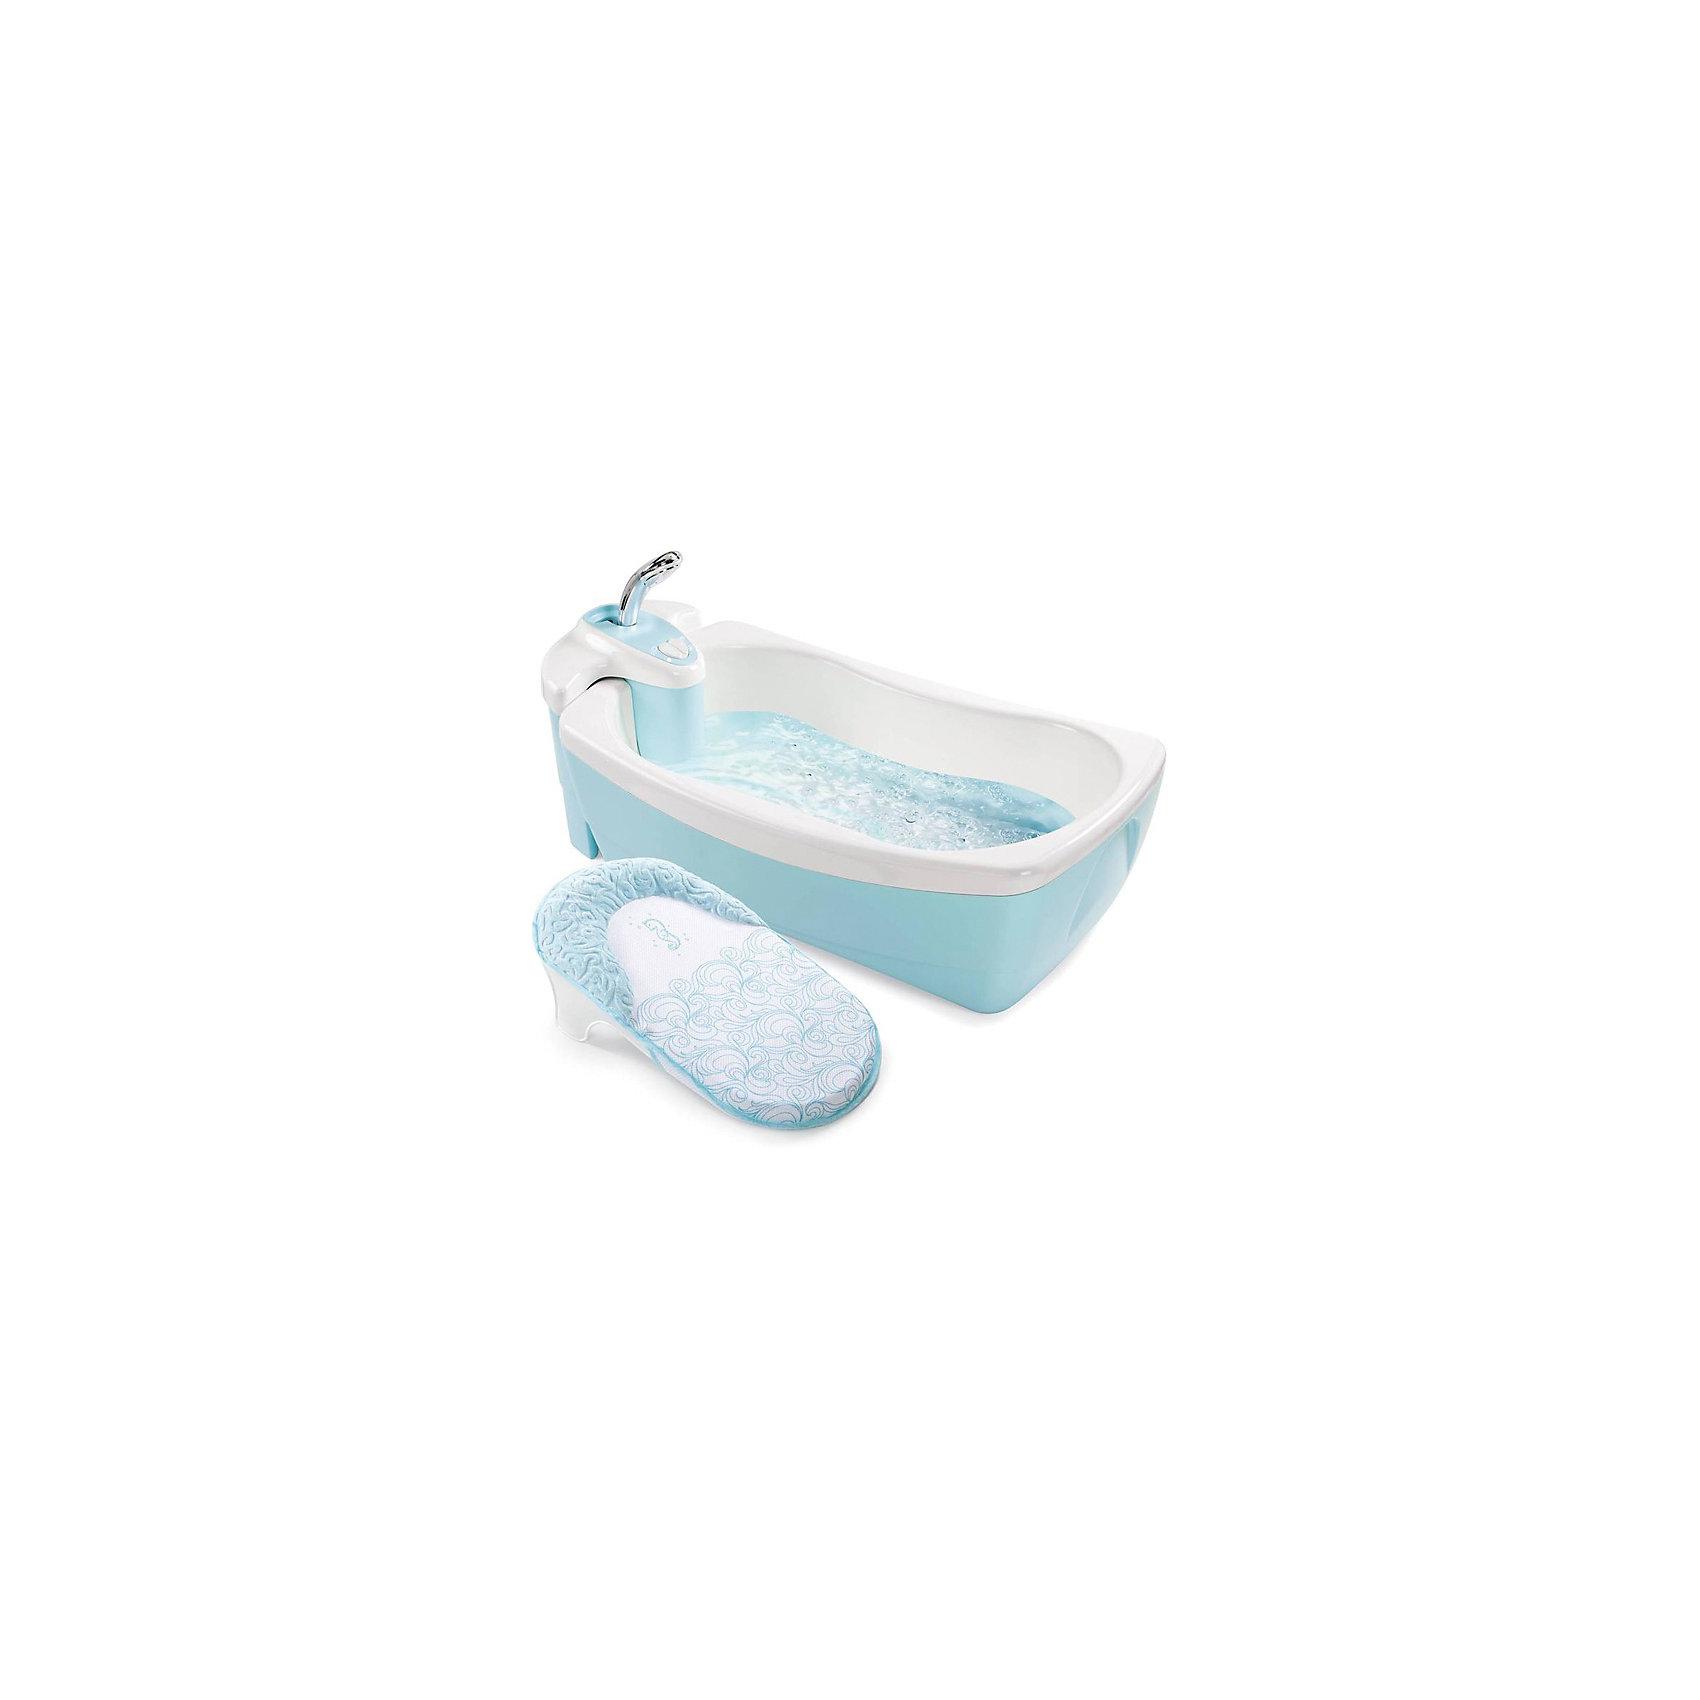 Ванна LilLuxuries, Summer Infant, голубойВанны, горки, сиденья<br>Характеристики товара:<br><br>• возраст: с рождения до 2 лет<br>• цвет: голубой<br>• материал: пластик  <br>• двойные стенки долго поддерживают температуру воды.<br>• эргономичная никелевая душевая ручка<br>• блок с душем отсоединяется<br>• генератор пузырей работает от батареек (в комплект не входят)<br>• габариты: 25х46х73 см<br>• вес: 5,8 кг<br><br>Мягкую вставку-шезлонг можно использовать для новорожденных. <br><br>Встроенный блок с душем обеспечивает мягкое ополаскивание с помощью большой лейки. <br><br>Оснащена специальным моторчиком для создания пузырей и легких вибраций воды. Потоки воздуха создают пузырьки, которые поднимаются со дна, оказывая массажный эффект и доставляя малышу удовольствие. <br><br>Подача воды осуществляется всего одним простым нажатием на кнопку включения / выключения. <br><br>Ванна снабжена дополнительной вставкой-лежаком с подголовником (для новорожденных), подголовник покрыт мягкой тканью для еще большего комфорта малыша.<br><br>Ванну LilLuxuries, Summer Infant, голубой можно кукпить в нашем интернет-магазине.<br><br>Ширина мм: 730<br>Глубина мм: 460<br>Высота мм: 250<br>Вес г: 4600<br>Возраст от месяцев: 0<br>Возраст до месяцев: 24<br>Пол: Унисекс<br>Возраст: Детский<br>SKU: 5589109